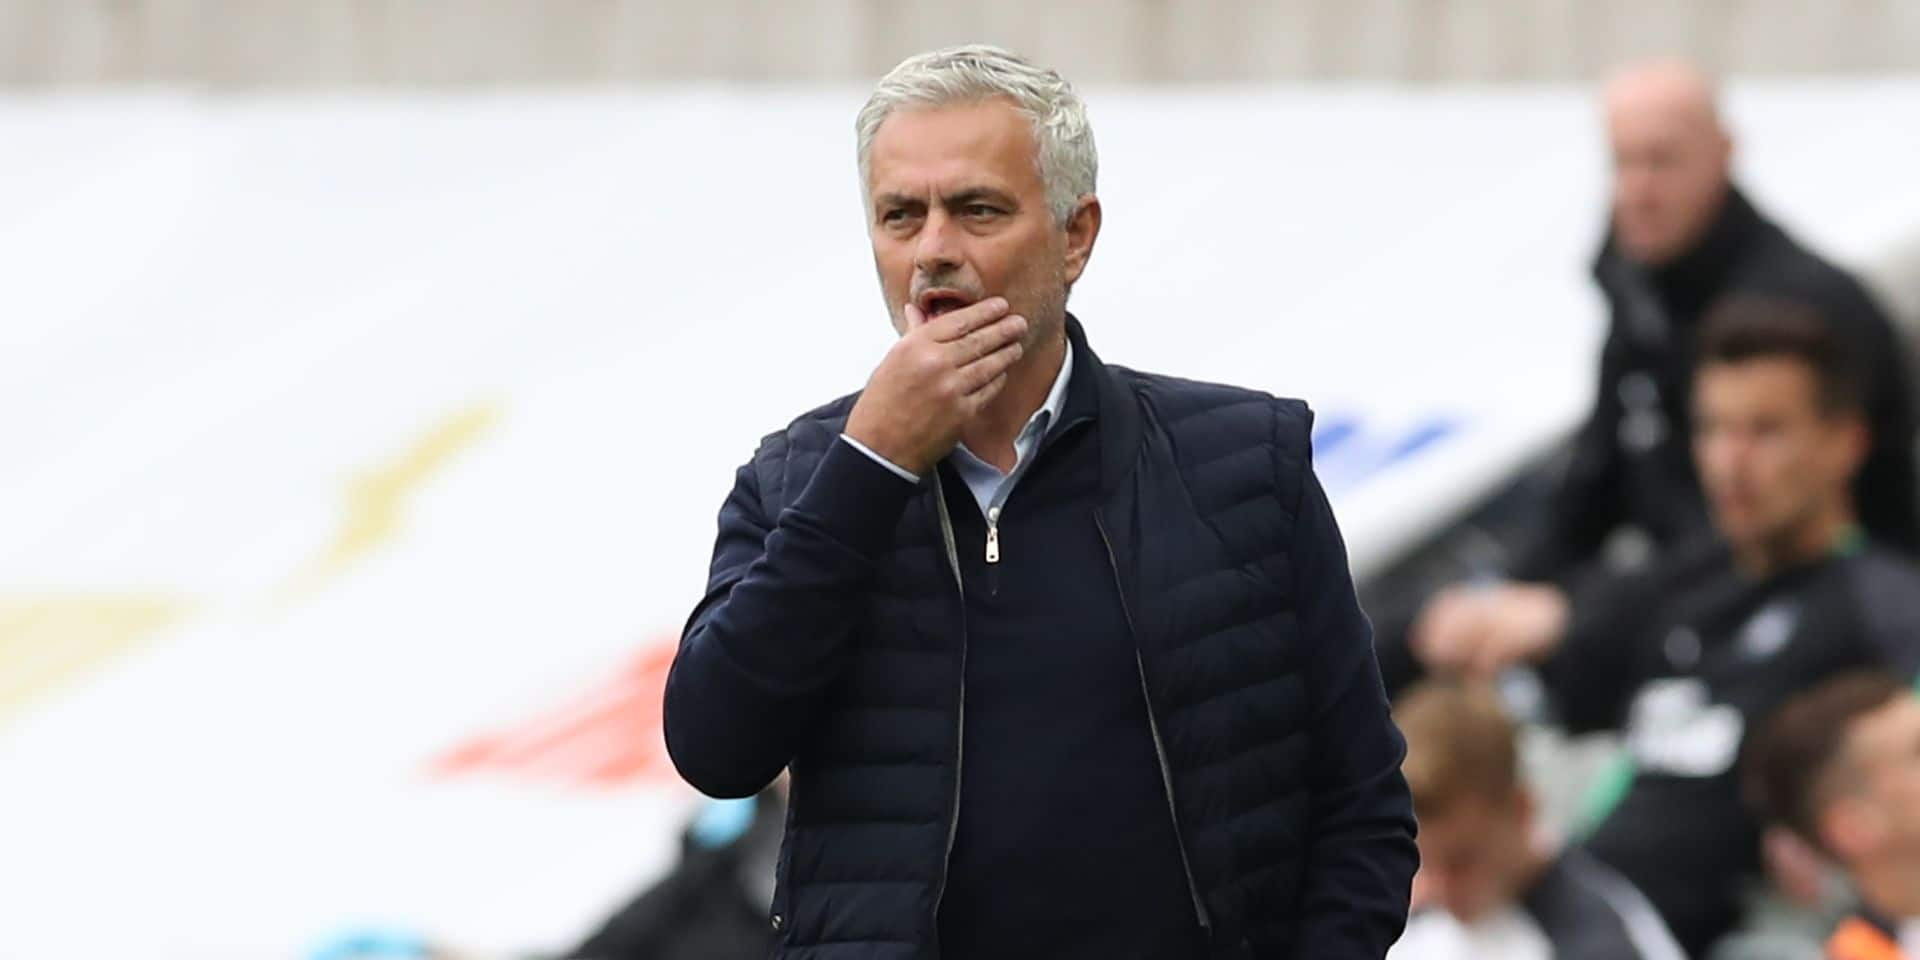 """José Mourinho s'emporte en conférence de presse: """"On dirait que je suis le seul à devoir jouer avec 15 joueurs"""""""